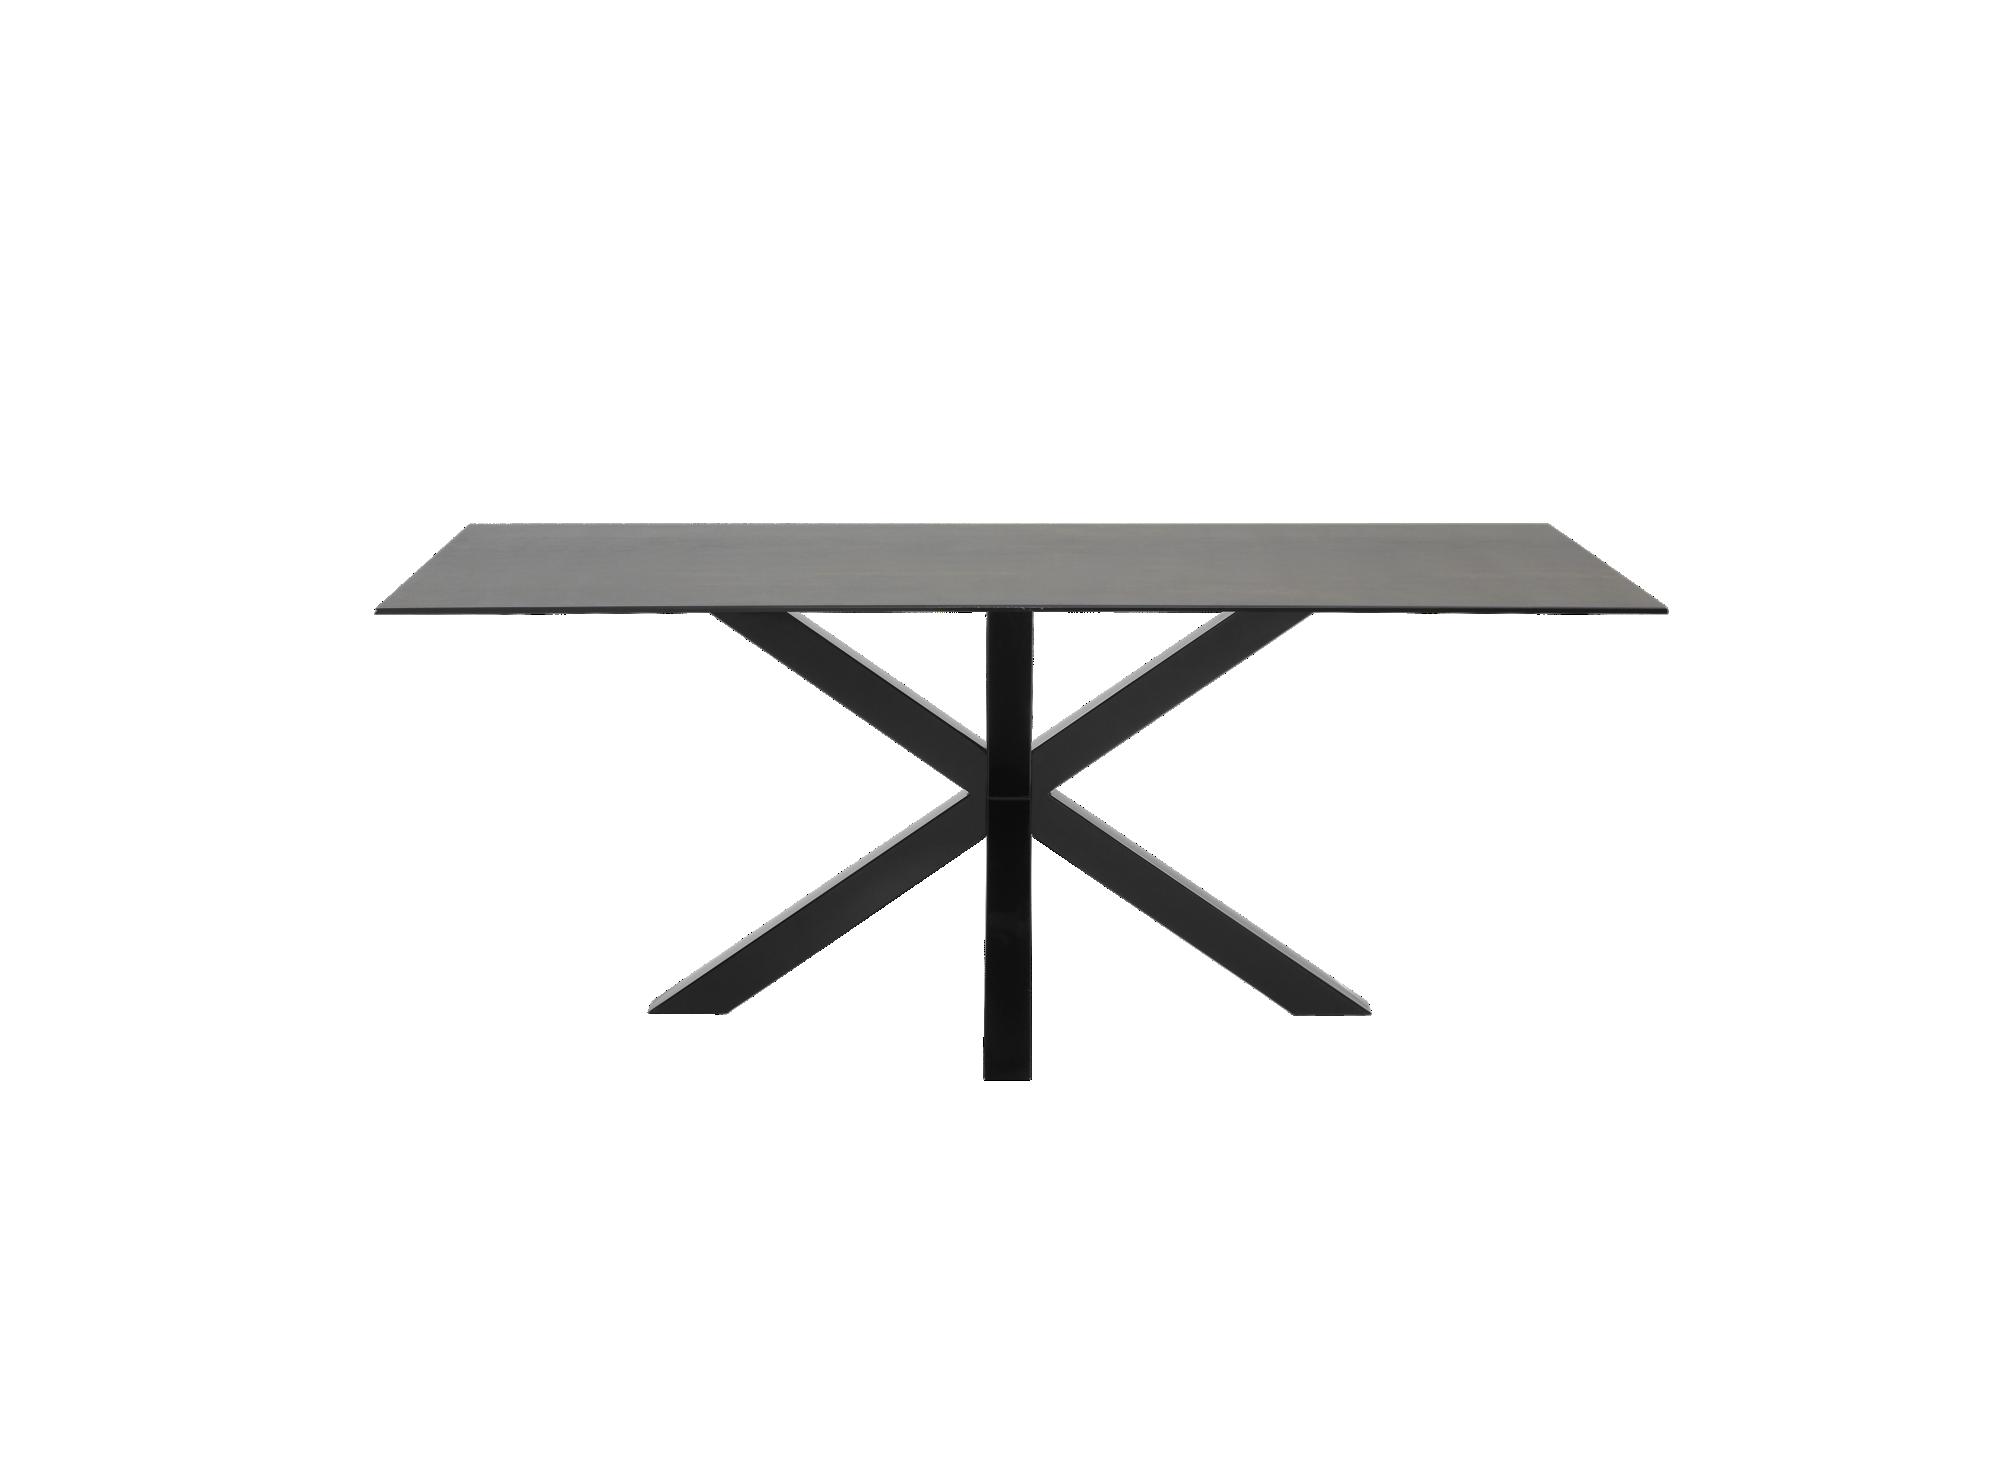 Table metal noi/ceramique gris structure et pietement en metal (acier ...